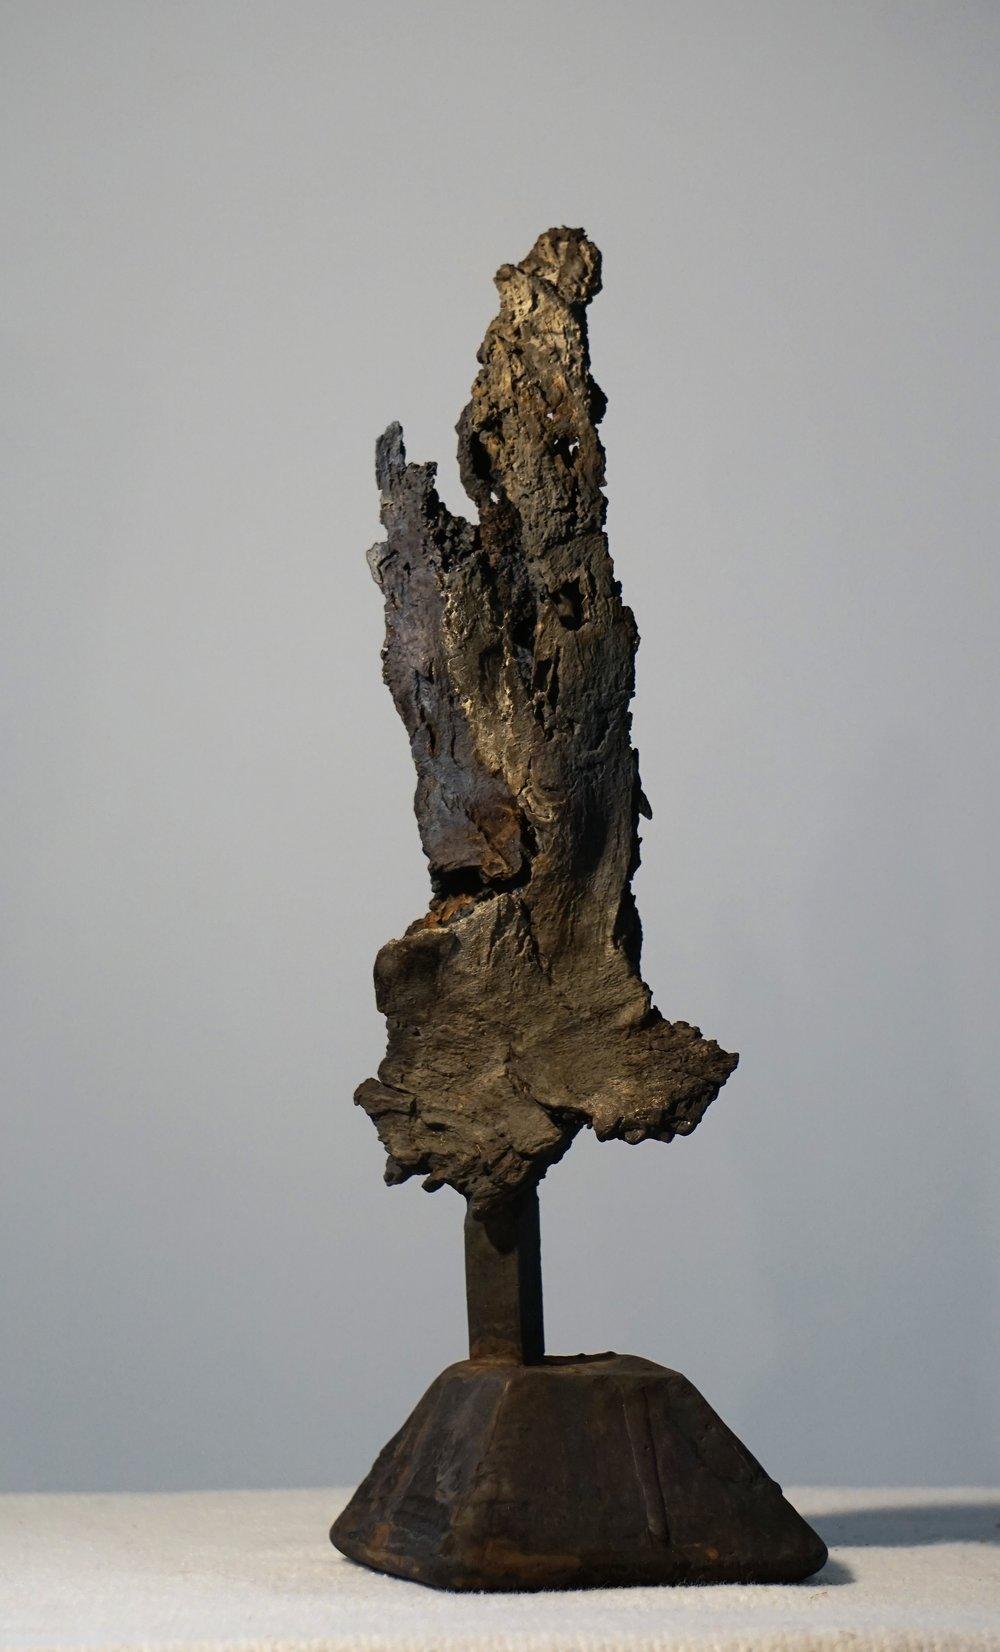 Sculpture/Bark Series